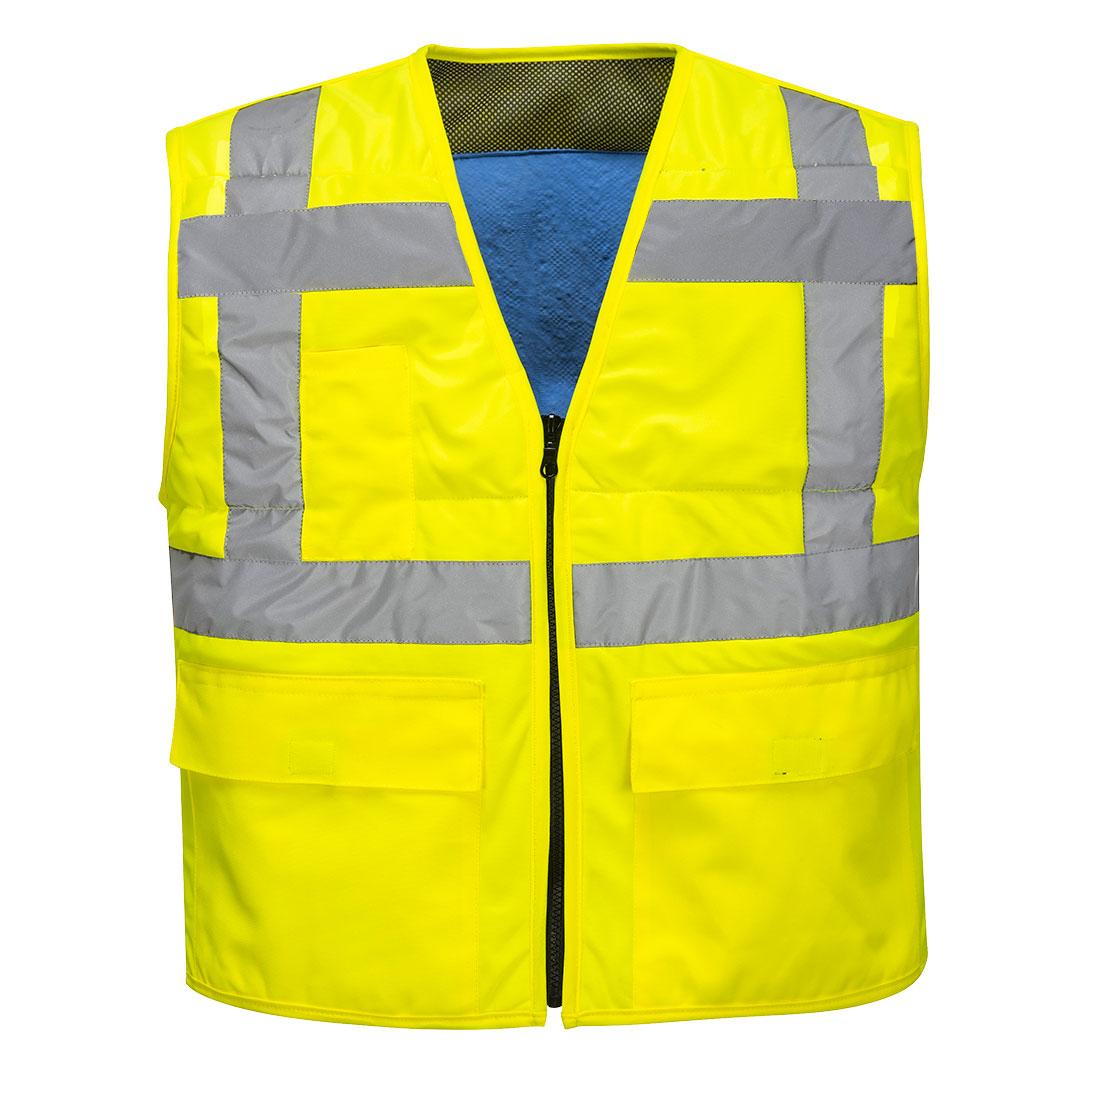 Mẫu áo đồng phục phản quang vàng phối xám